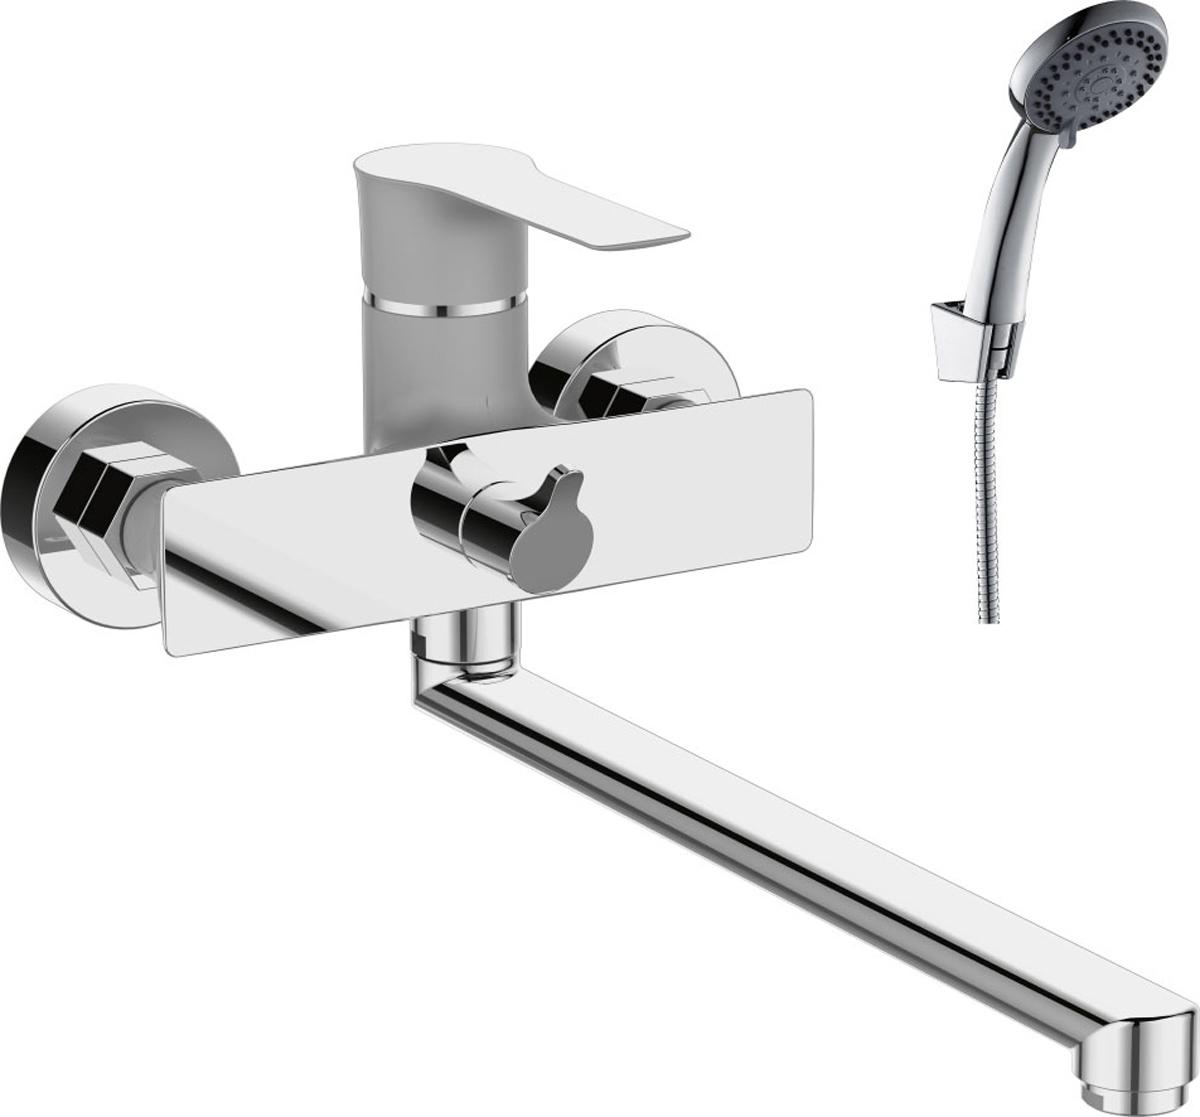 Смеситель Rossinka RS35-32PC, для ванны универсальныйRS35-32PCRS35-32PC. Смеситель универсальный с плоским поворотным изливом 350 мм.Комплектация:• пластиковый аэратор с функцией легкой очистки• керамический картридж 35 мм• переключатель с керамическими пластинами• аксессуары в комплекте (шланг 1,5 м, 3-функциональная лейка с функцией легкой очистки, 2-х позиционный держатель для лейки)• присоединительная группа (эксцентрики с отражателями) для вертикального крепления• металлическая рукояткаСмесители Rossinka были разработаны российским институтом «НИИ Сантехники», что позволило произвести продукт, максимально подходящий под условия эксплуатации в нашей стране (жесткая вода, частые перепады температуры и напора воды).«НИИ Сантехники» рекомендует установку смесителей Rossinka в жилых помещениях, в детских, лечебно-профилактических, дошкольных и школьных учреждениях.Наличие международного сертификата ISO 9001 гарантирует стабильность качества выпускаемой продукции.Сервисная сеть насчитывает 90 гарантийных мастерских по России и странам СНГ.Плановый срок службы смесителей 30 лет.Гарантия на смесители 7 лет.